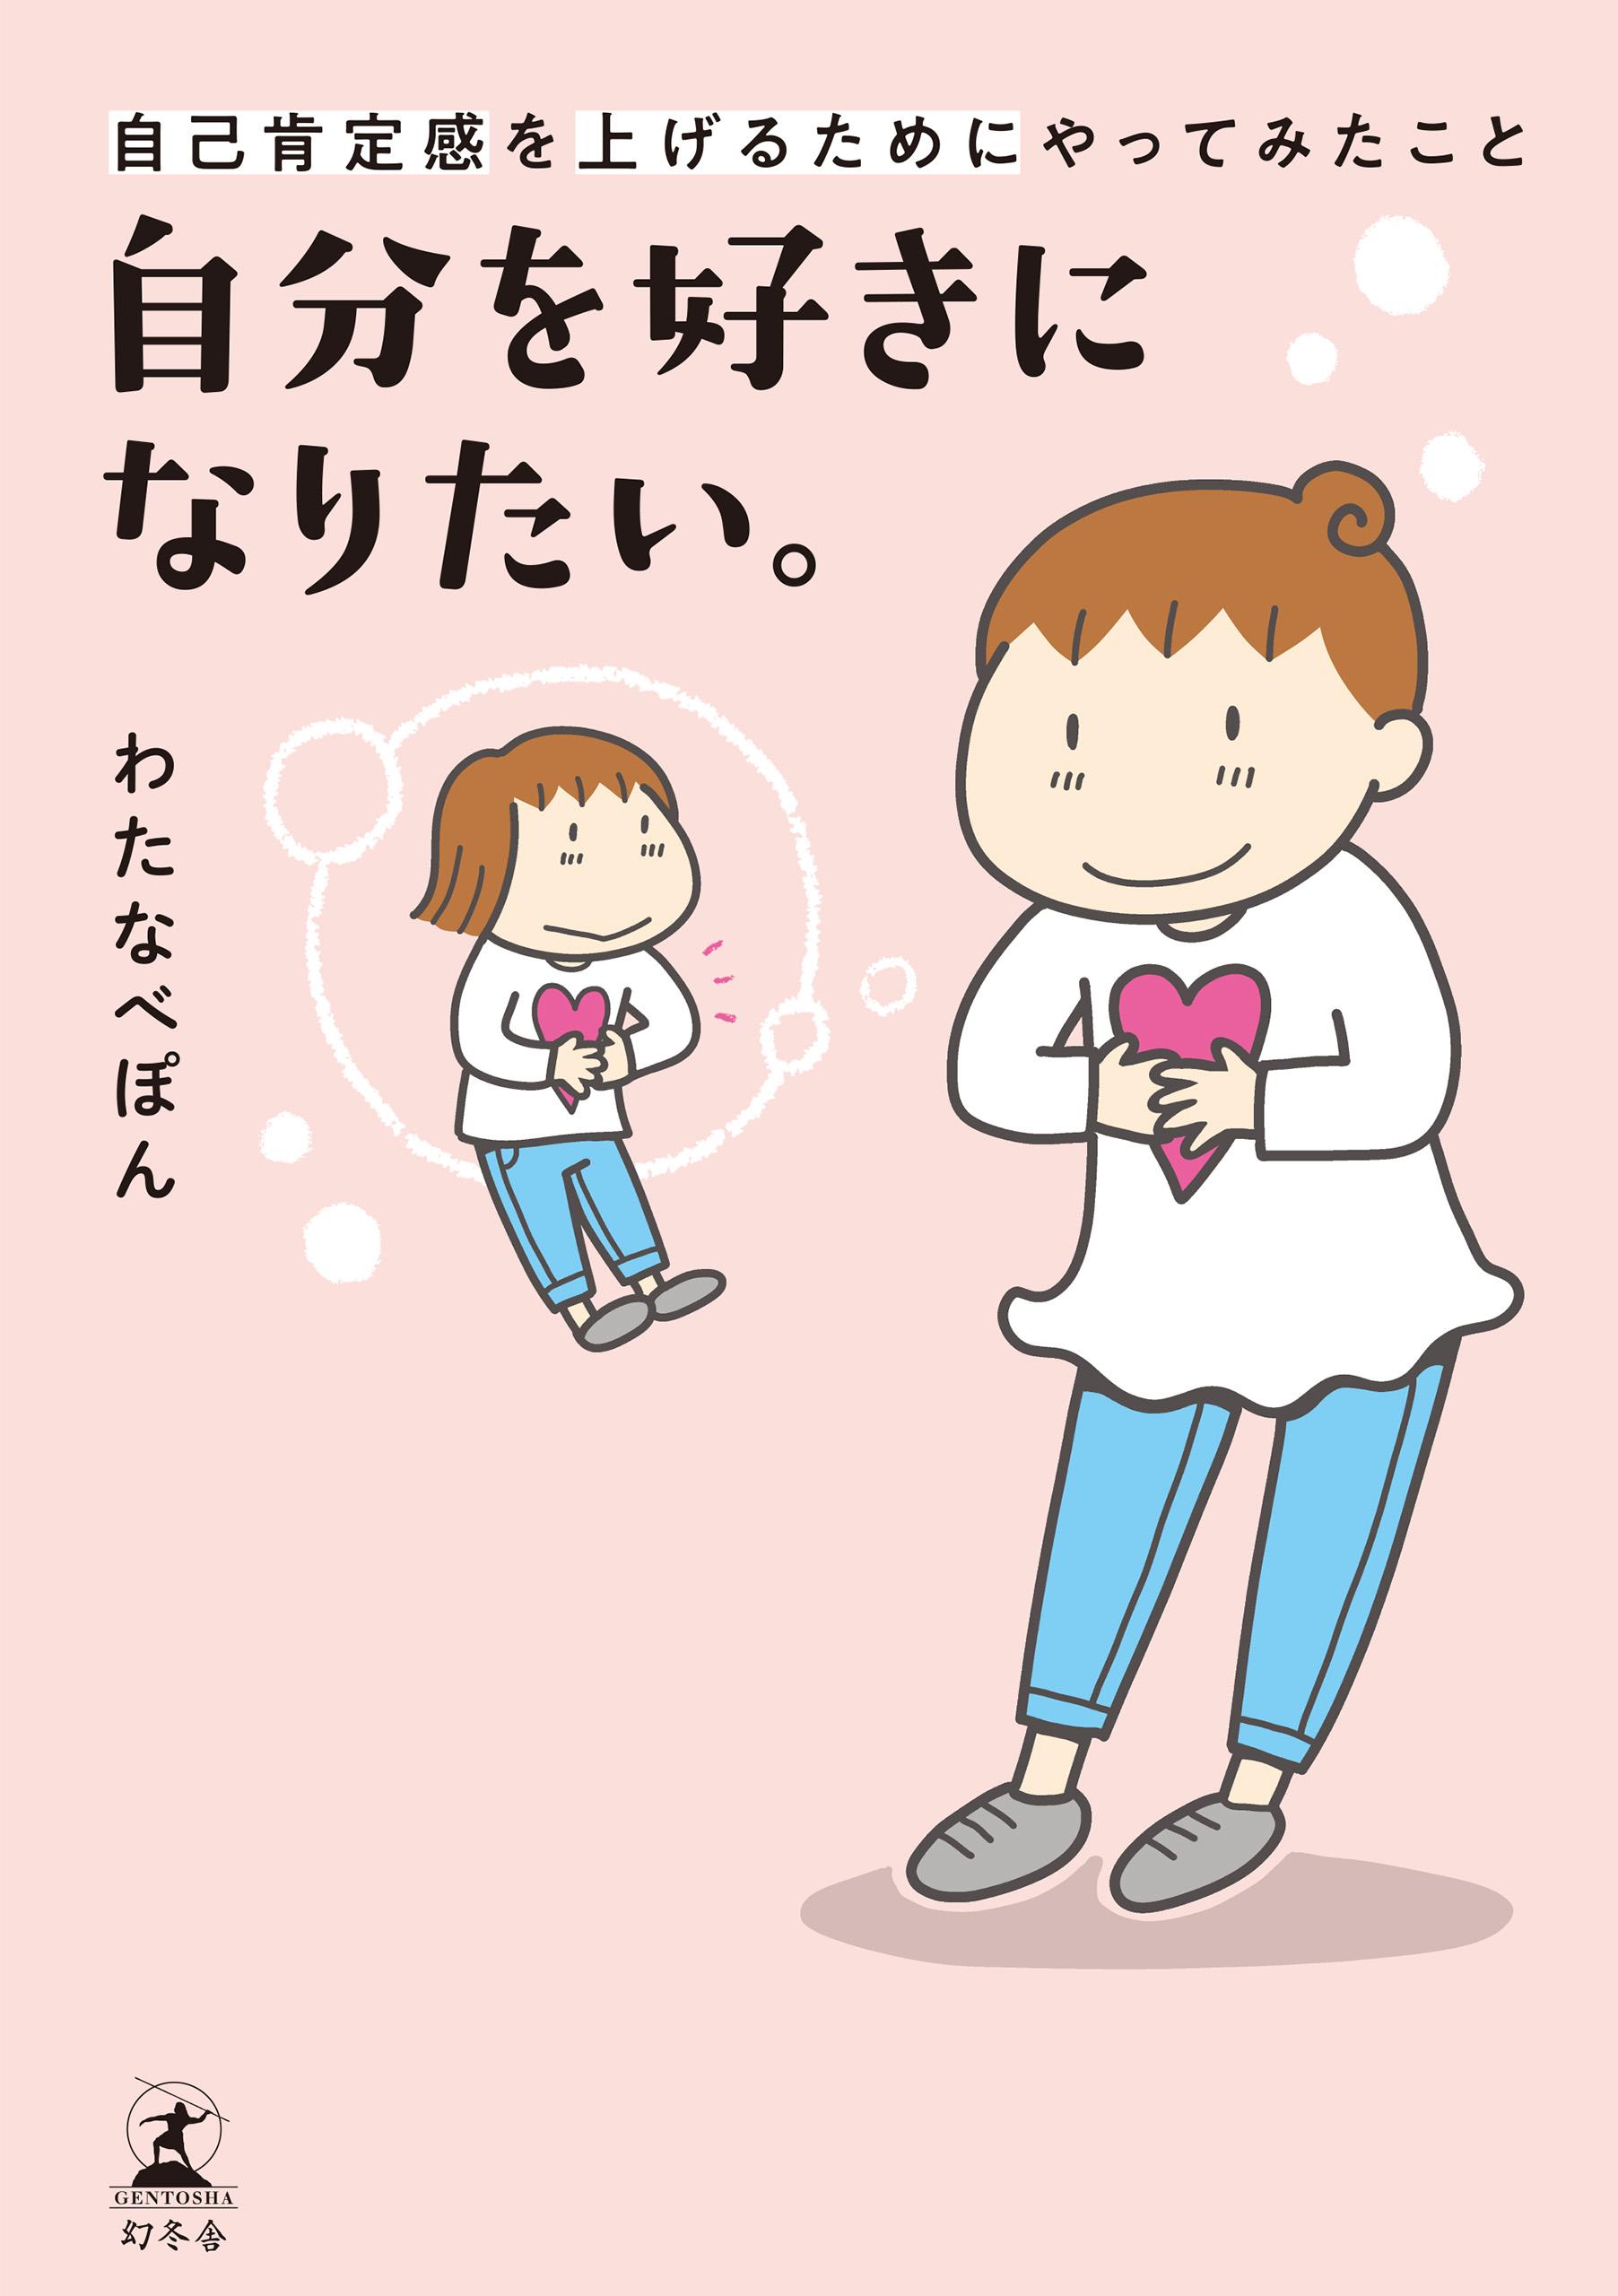 jibunwosukini_cover.indd